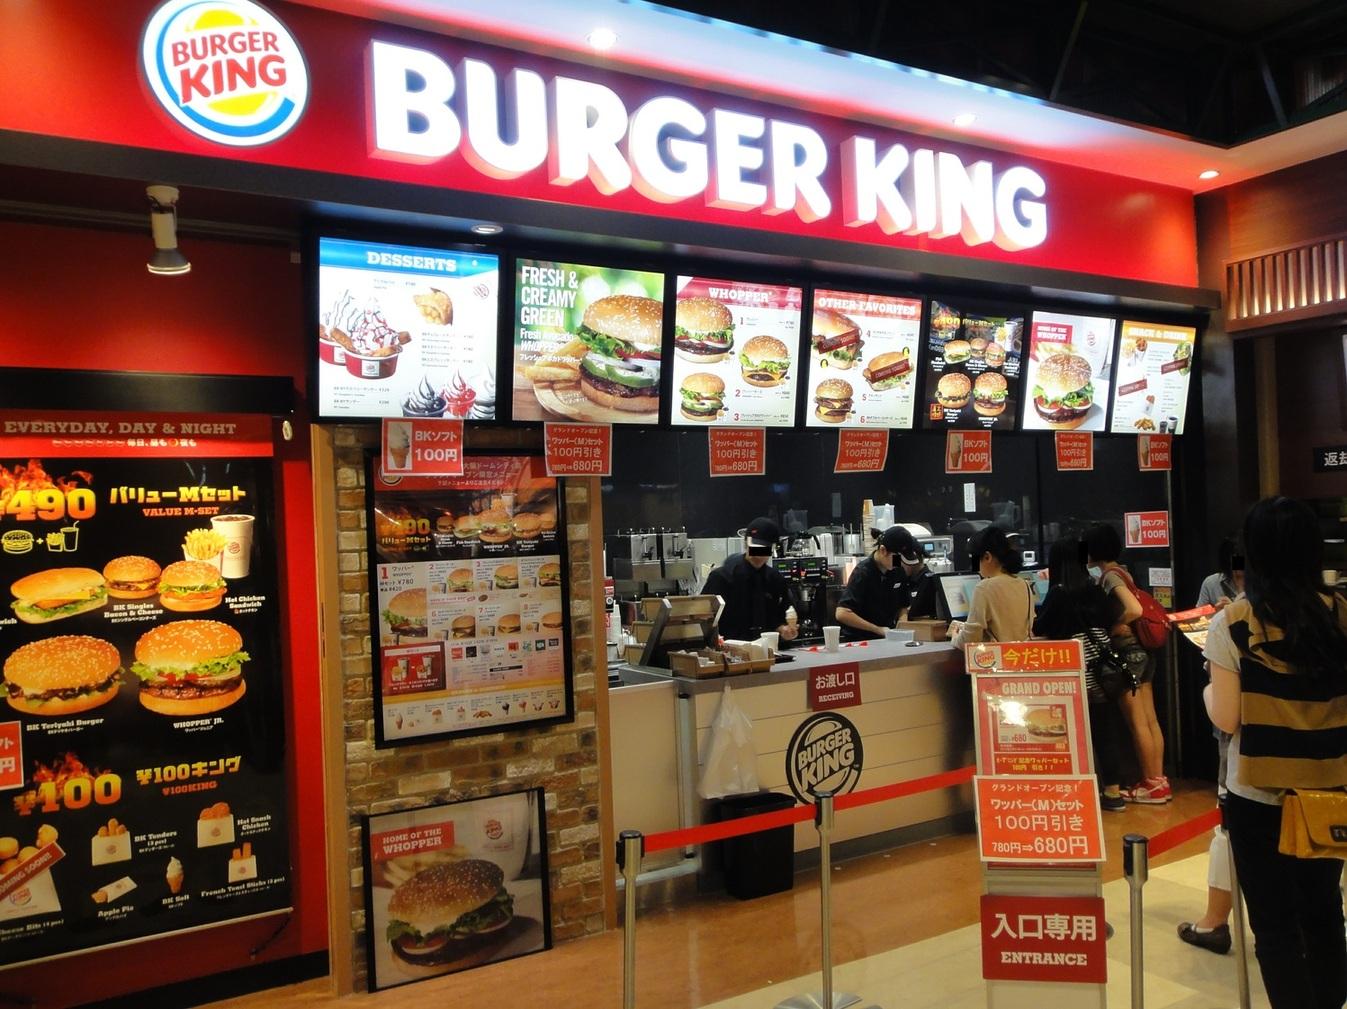 バーガーキング イオンモール大阪ドームシティ店